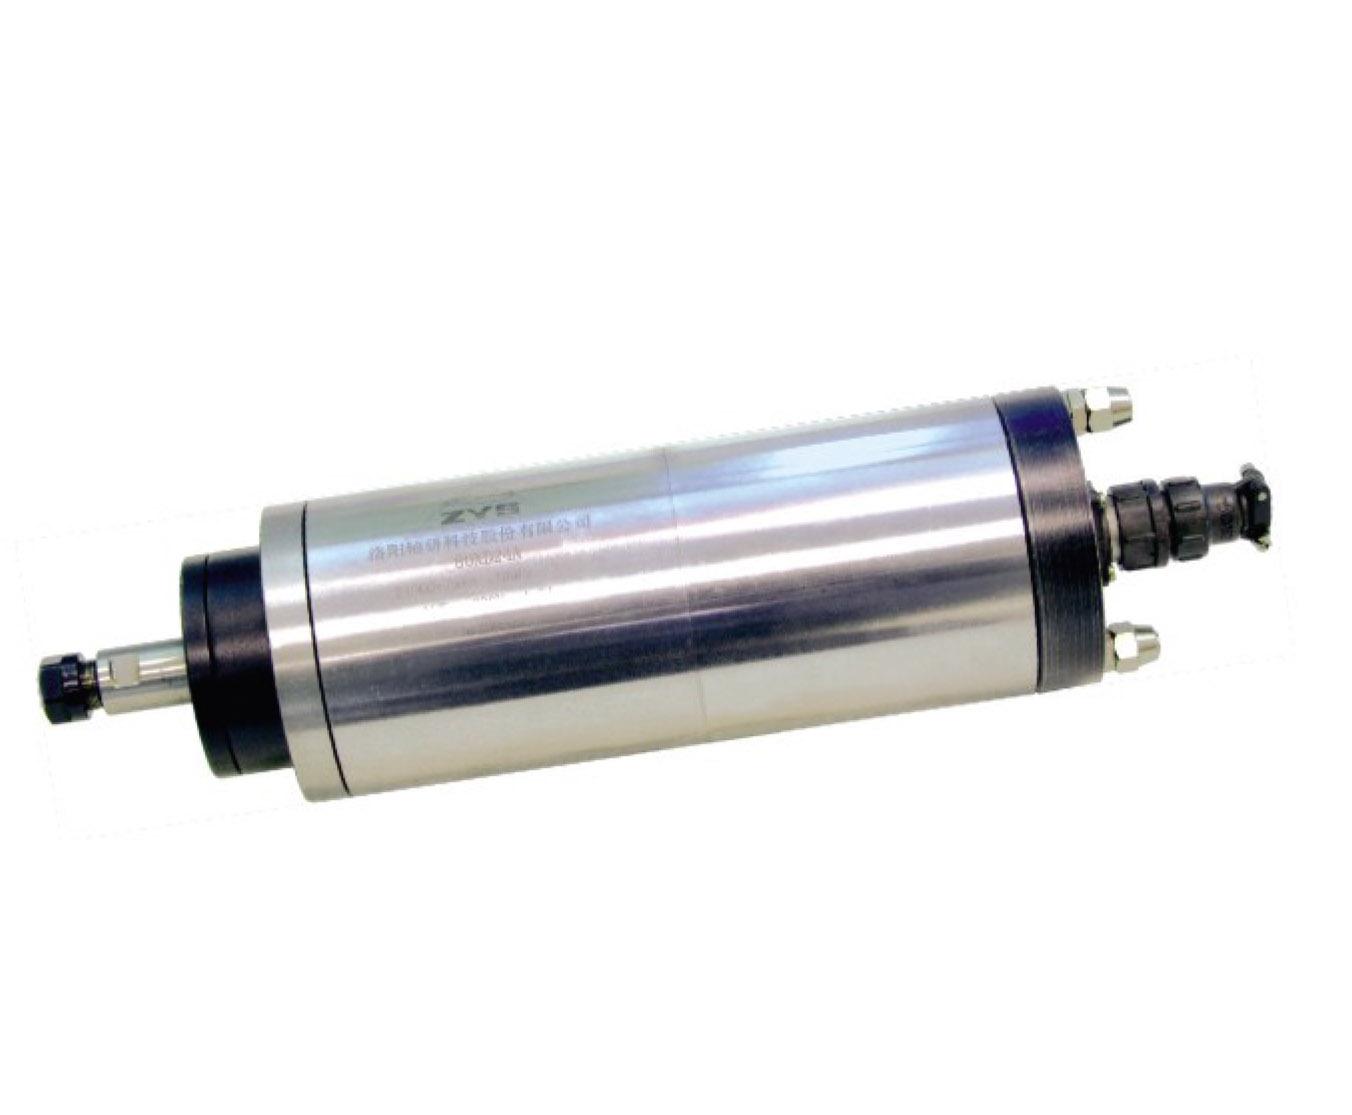 中小型铣削用电电主轴